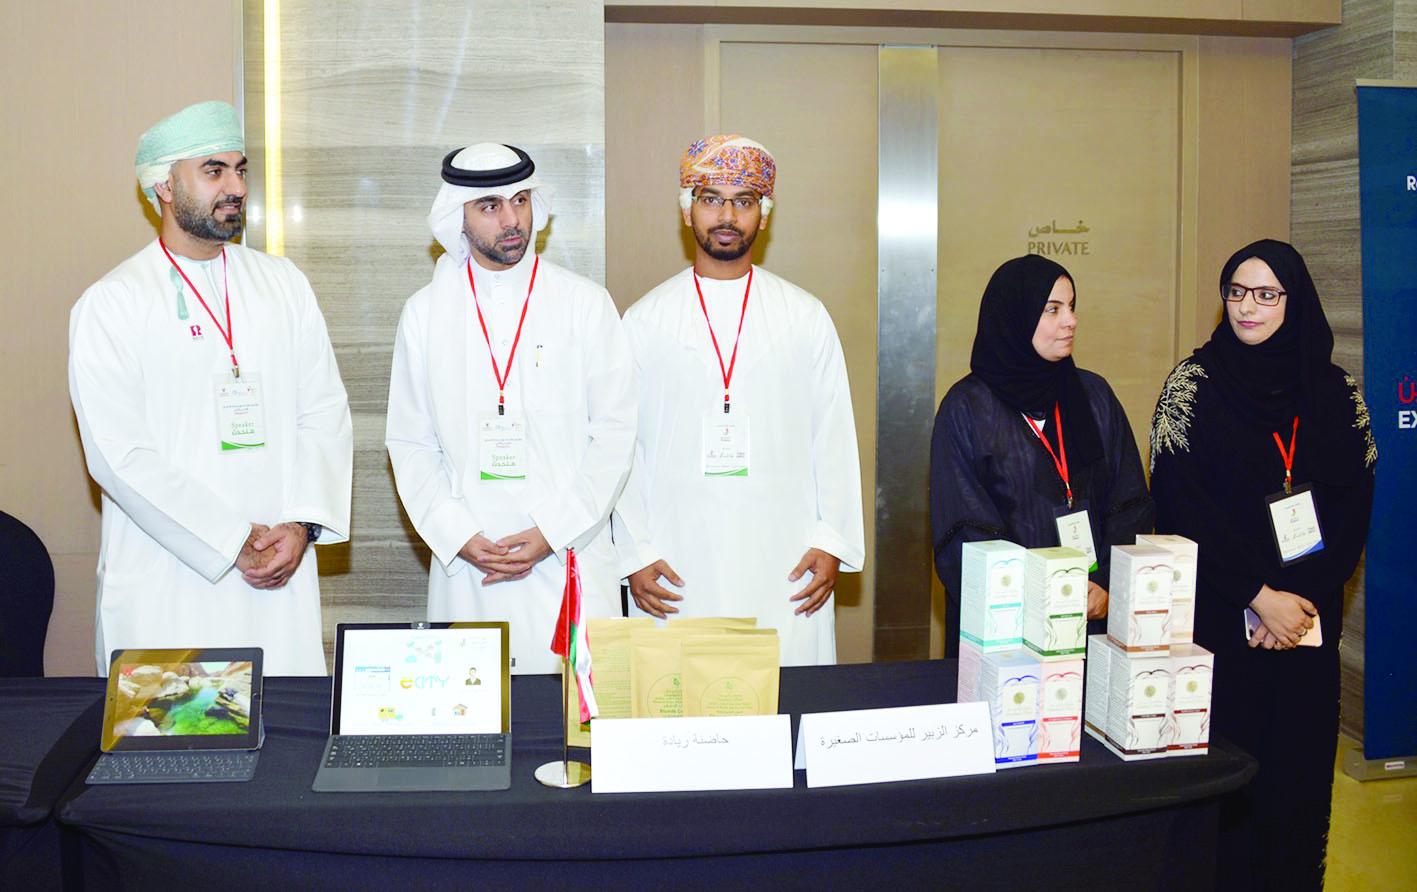 الزبير للمؤسسات الصغيرة يشارك في مؤتمر الأعمال الخليجي بالبحرين